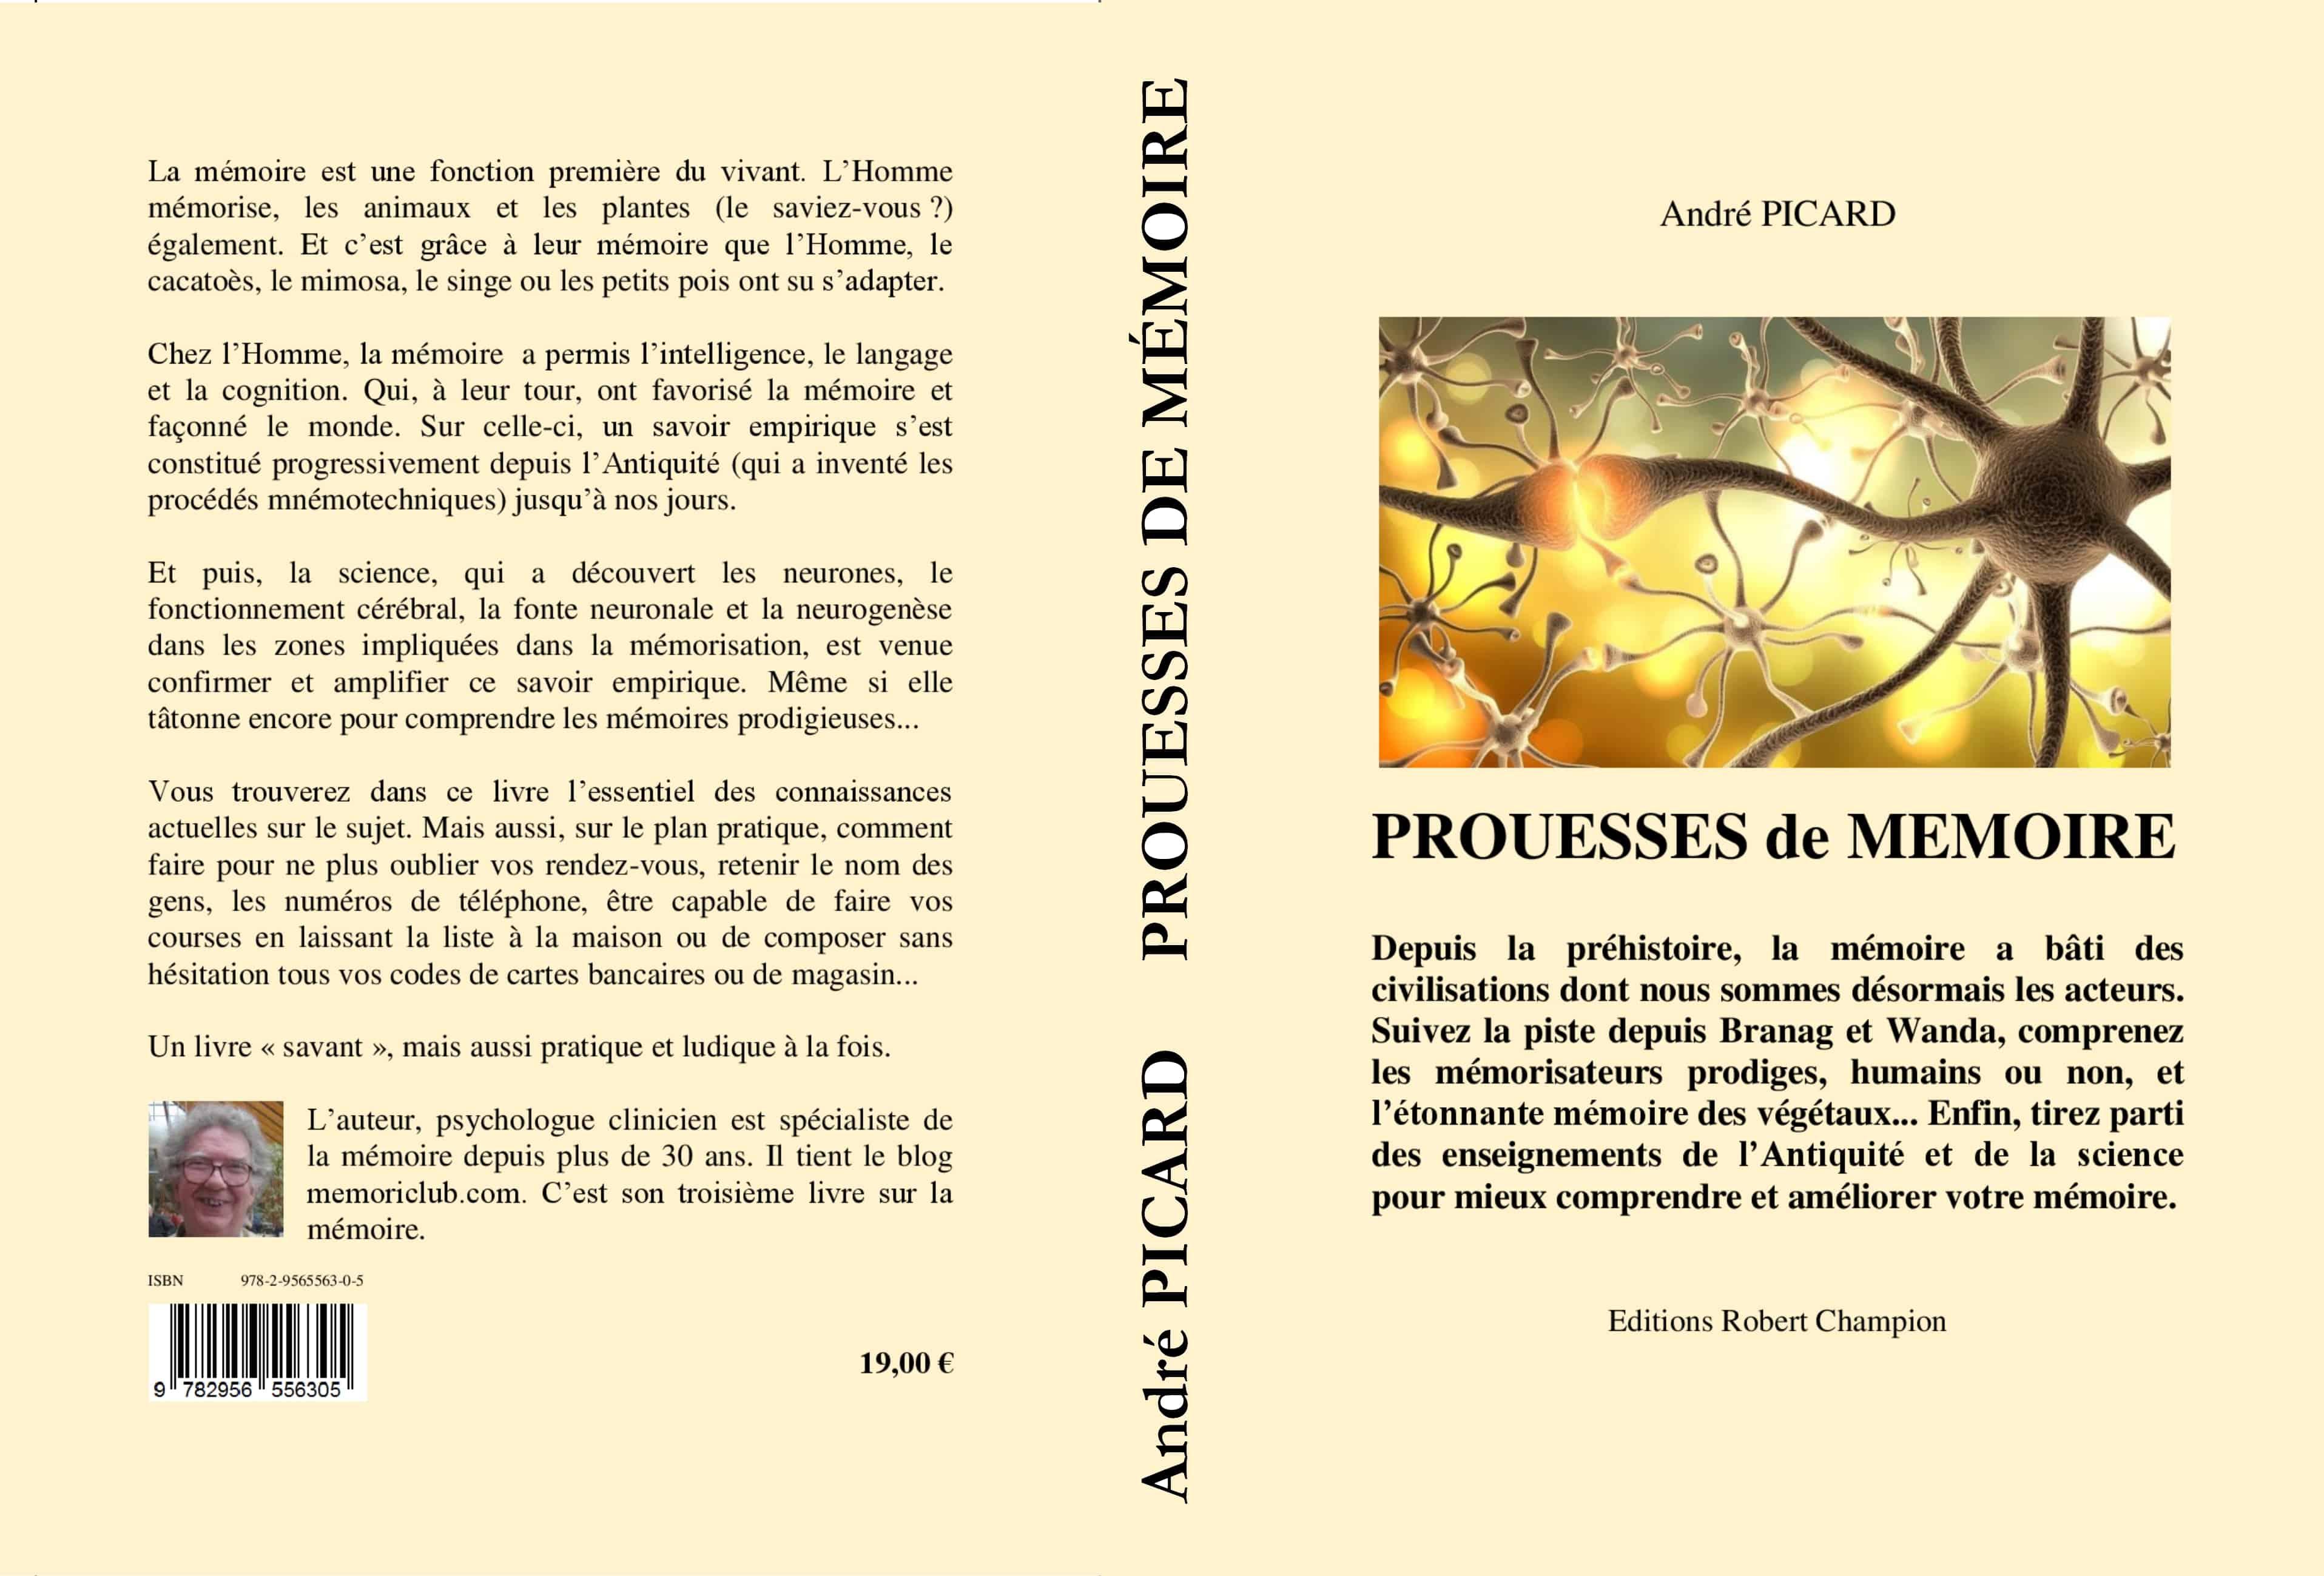 PROUESSES DE MÉMOIRE